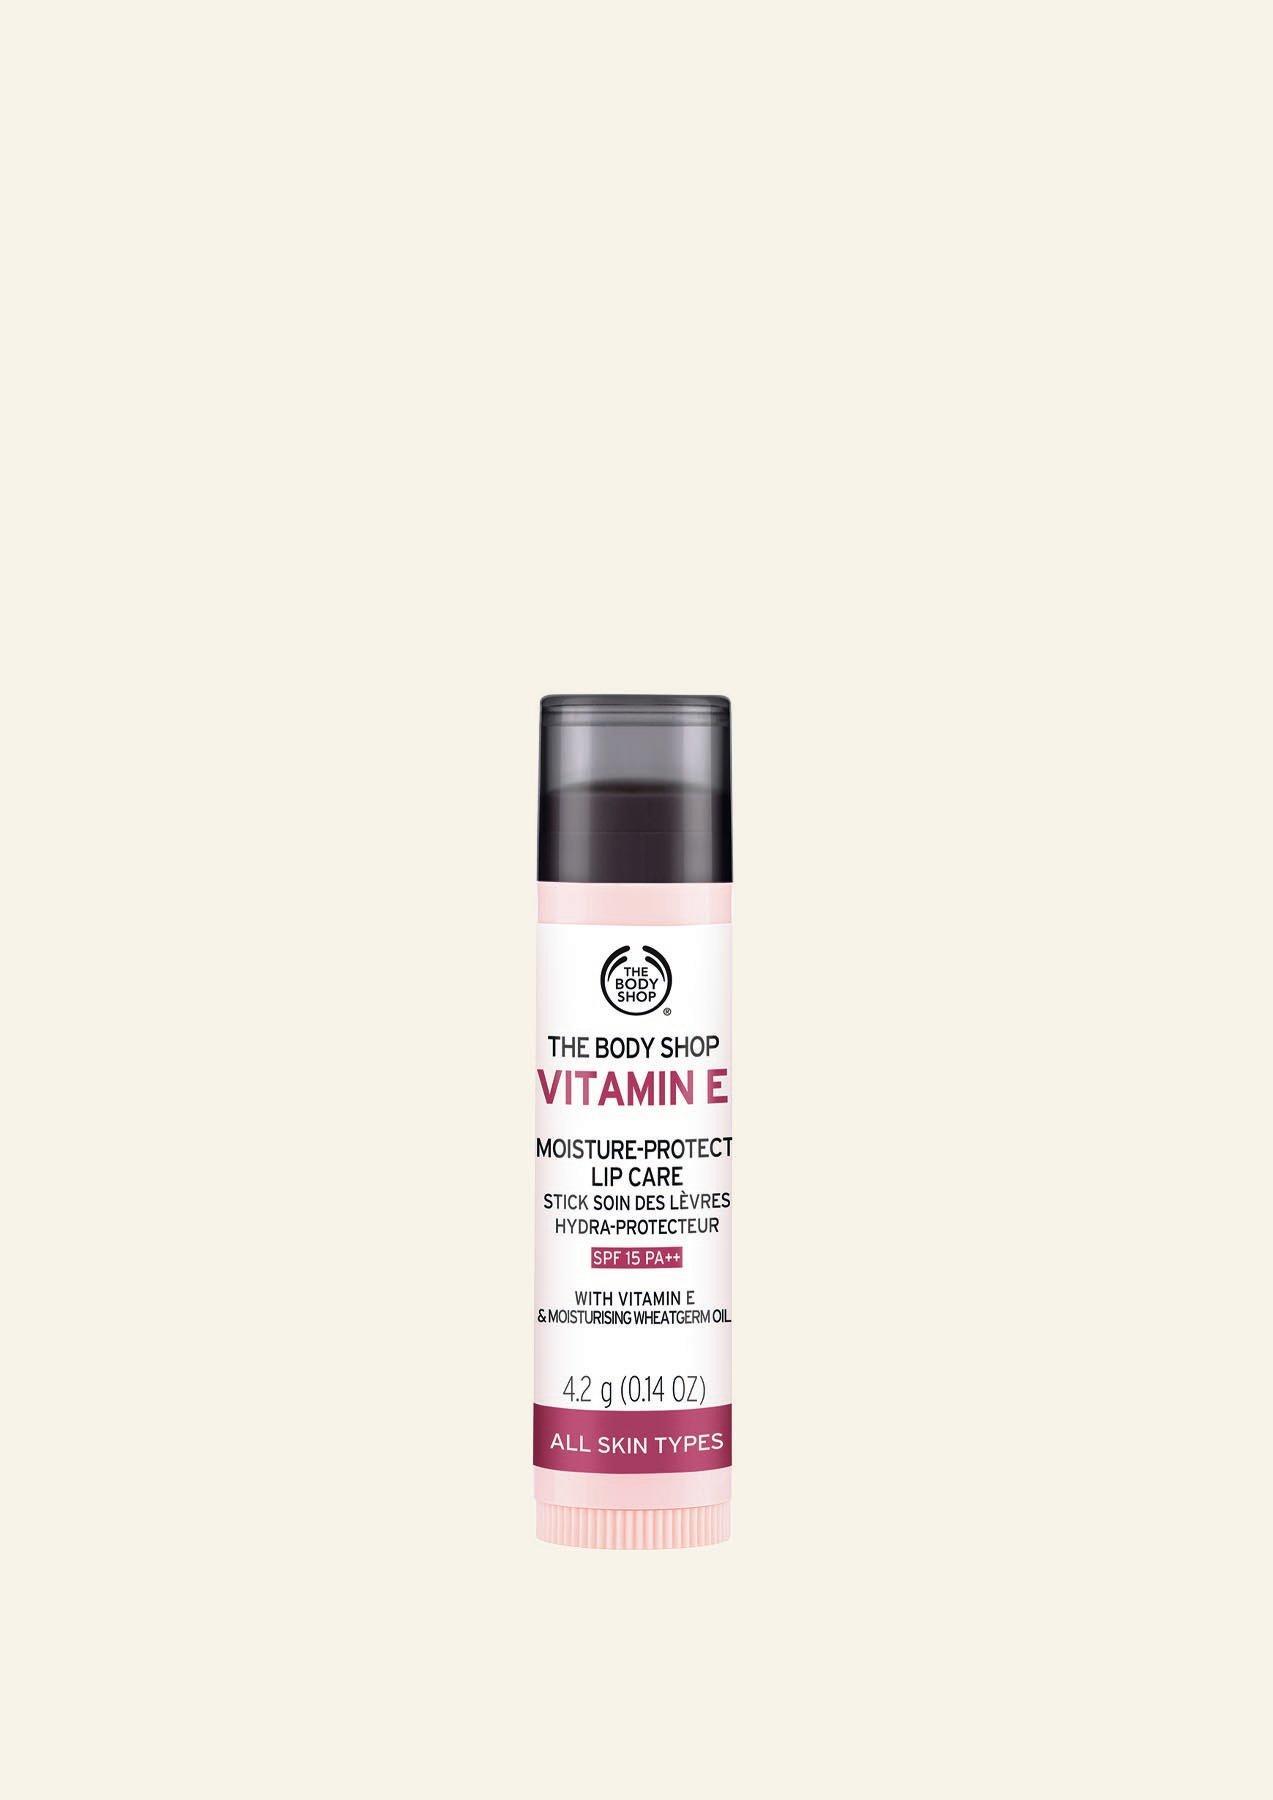 Vitamin E Lip Care SPF15